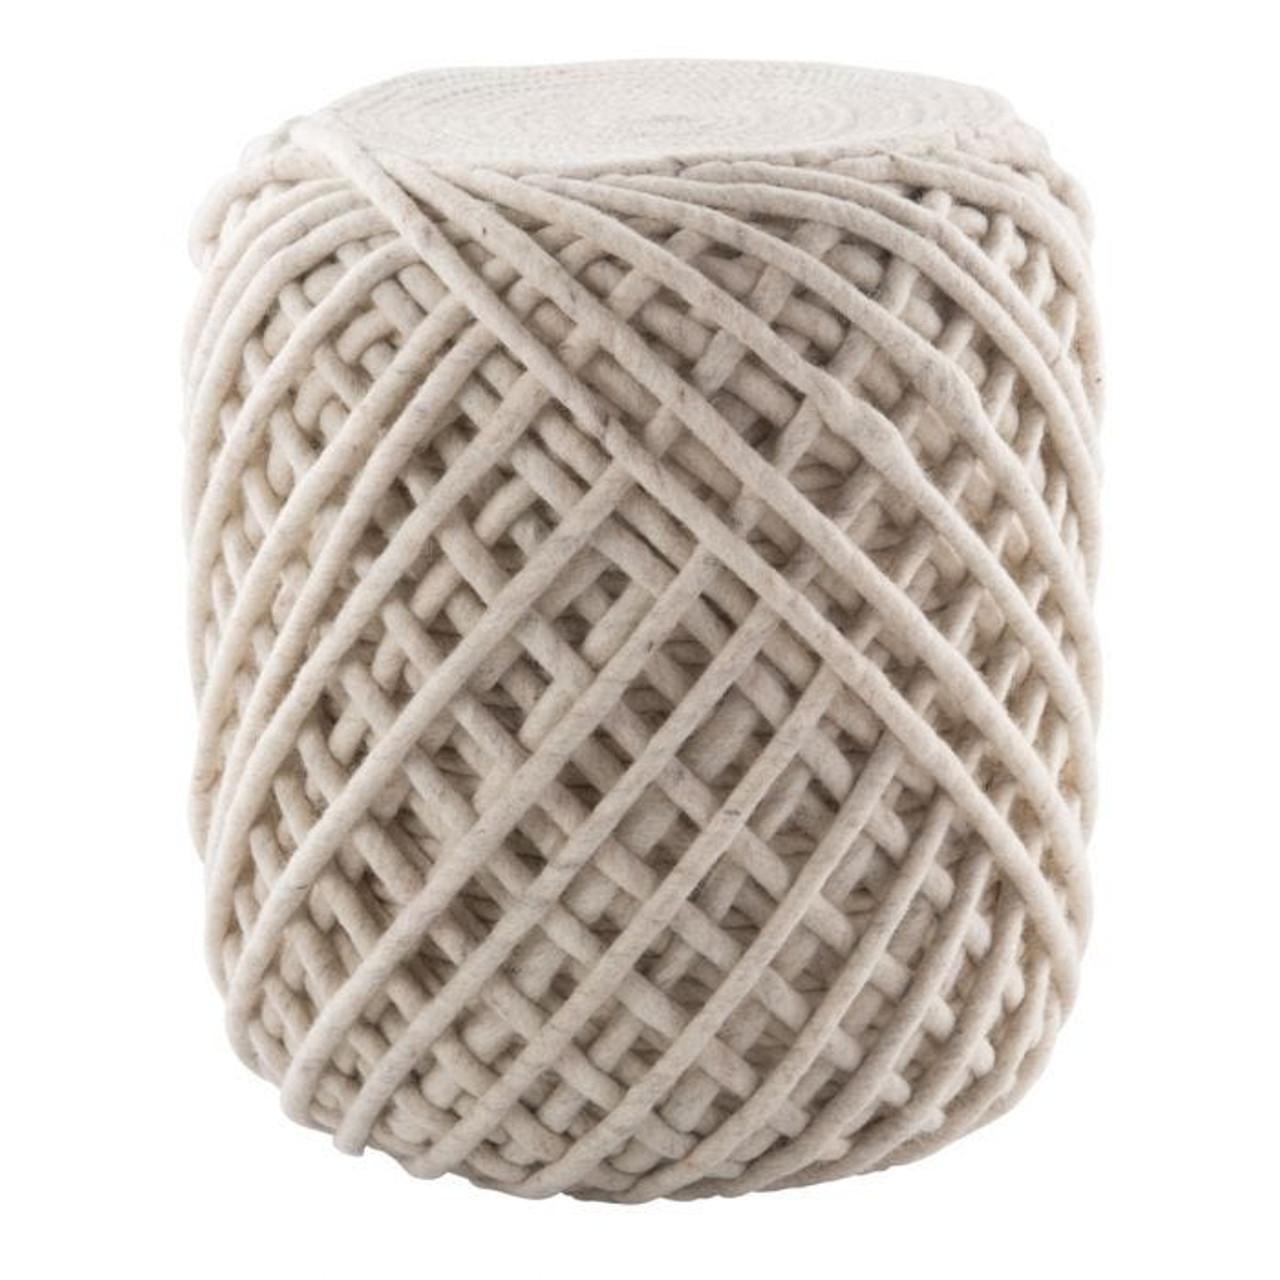 Nautica Wool Pouf - Ivory